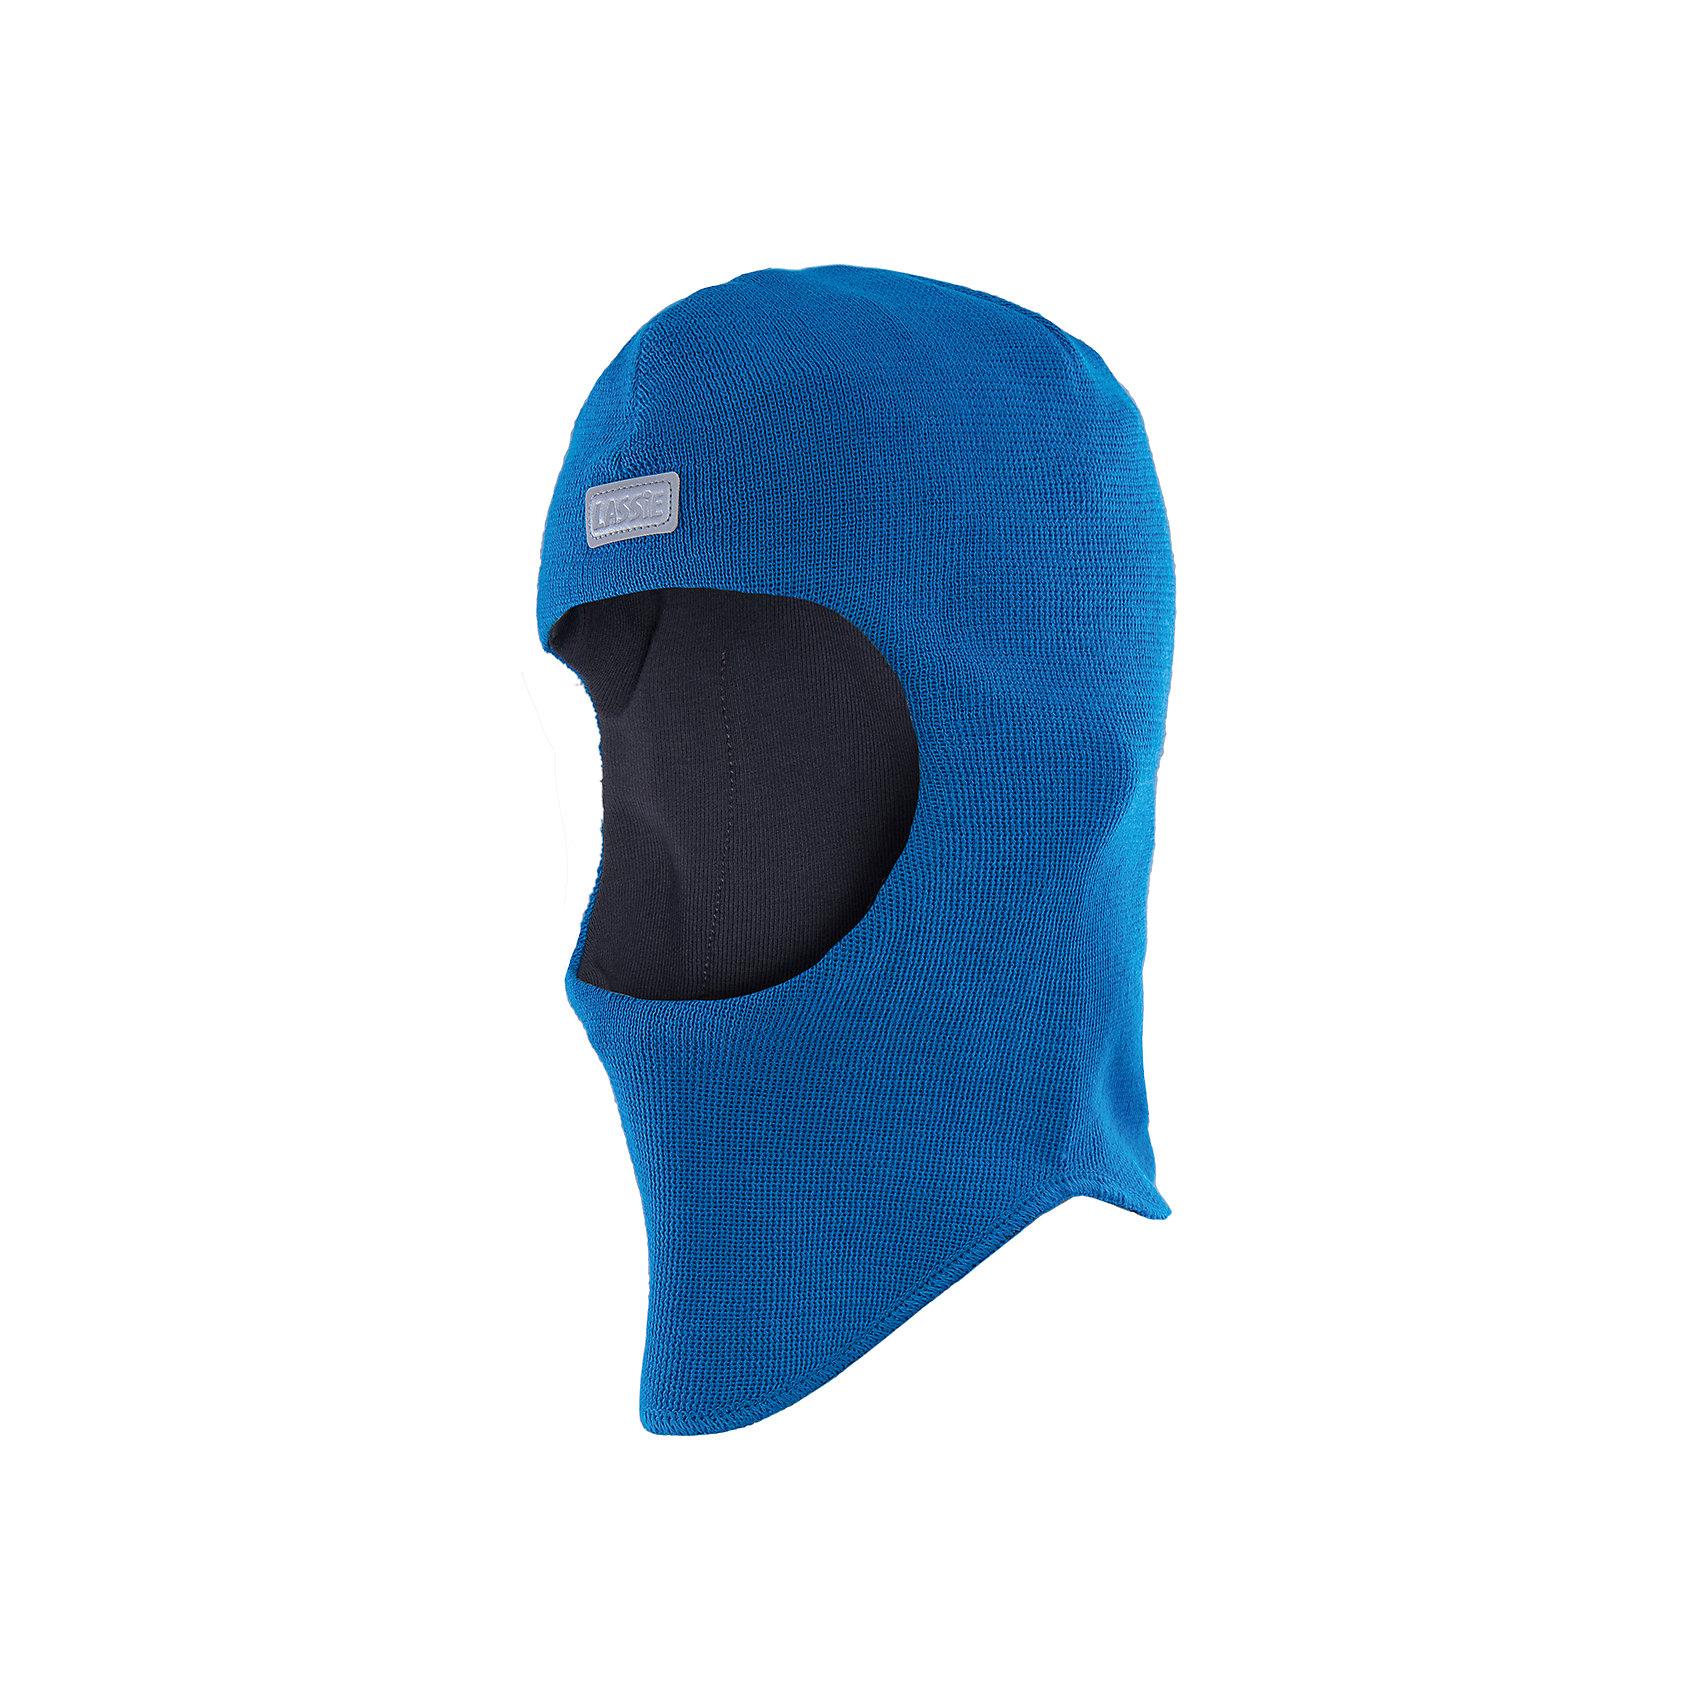 Шапка для мальчика LASSIEШапки и шарфы<br>Шапка-шлем для малышей известной финской марки.<br><br>- Мягкая и теплая ткань из смеси шерсти.<br>- Ветронепроницаемые вставки в области ушей.<br>- Мягкая подкладка из хлопка и эластана. <br>- Узор из цветных полос. <br>- Светоотражающая эмблема Lassie® спереди.<br><br> Рекомендации по уходу: Придать первоначальную форму вo влажном виде. Возможна усадка 5 %.<br><br>Состав: 50% Шерсть, 50% полиакрил.<br><br>Ширина мм: 89<br>Глубина мм: 117<br>Высота мм: 44<br>Вес г: 155<br>Цвет: синий<br>Возраст от месяцев: 6<br>Возраст до месяцев: 12<br>Пол: Мужской<br>Возраст: Детский<br>Размер: 44-46,54-56,50-52,46-48<br>SKU: 4781024